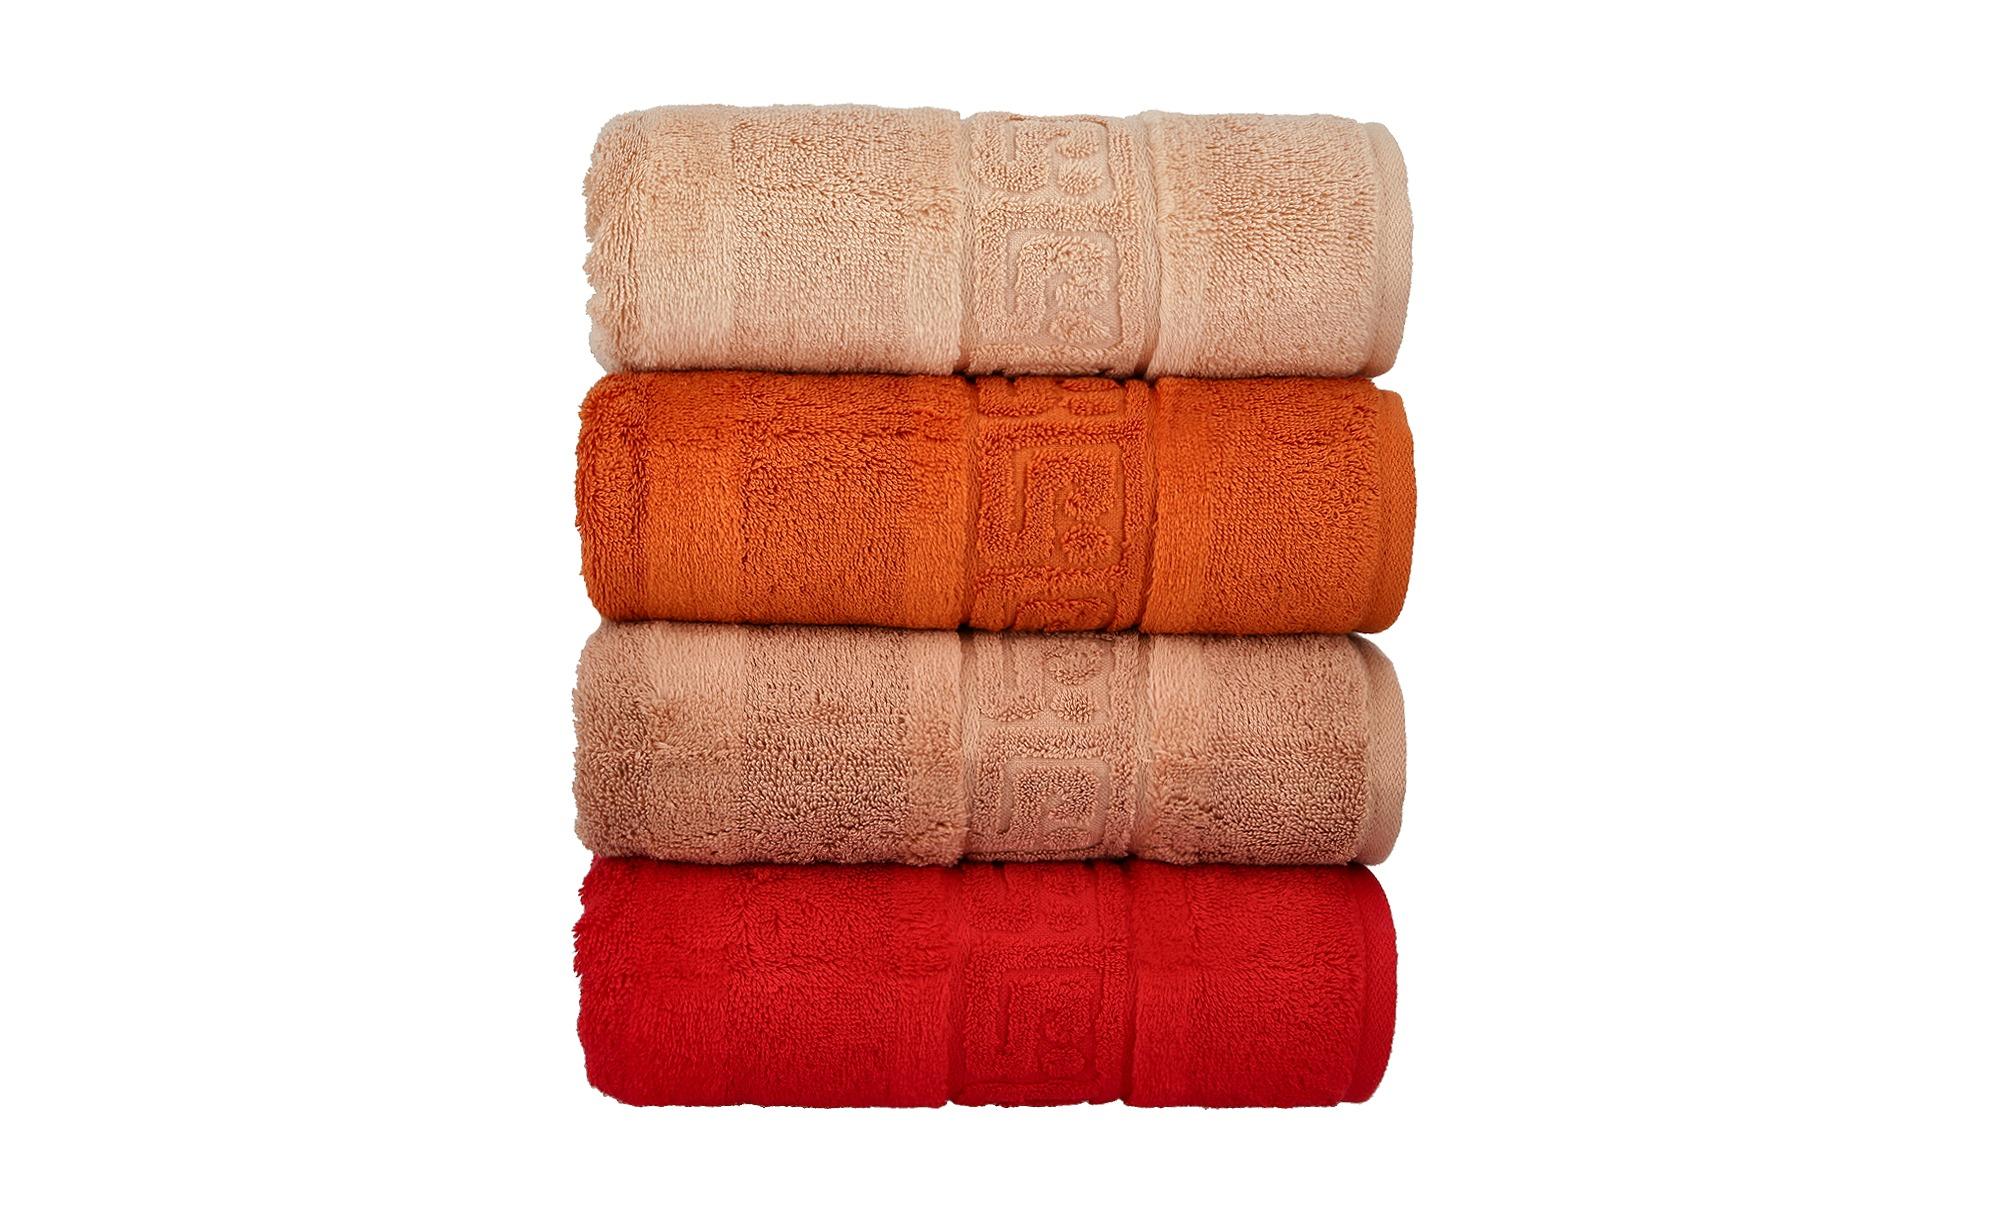 CaWö Handtuch  1001 ¦ orange ¦ 100% Baumwolle ¦ Maße (cm): B: 50 Badtextilien und Zubehör > Handtücher - Höffner